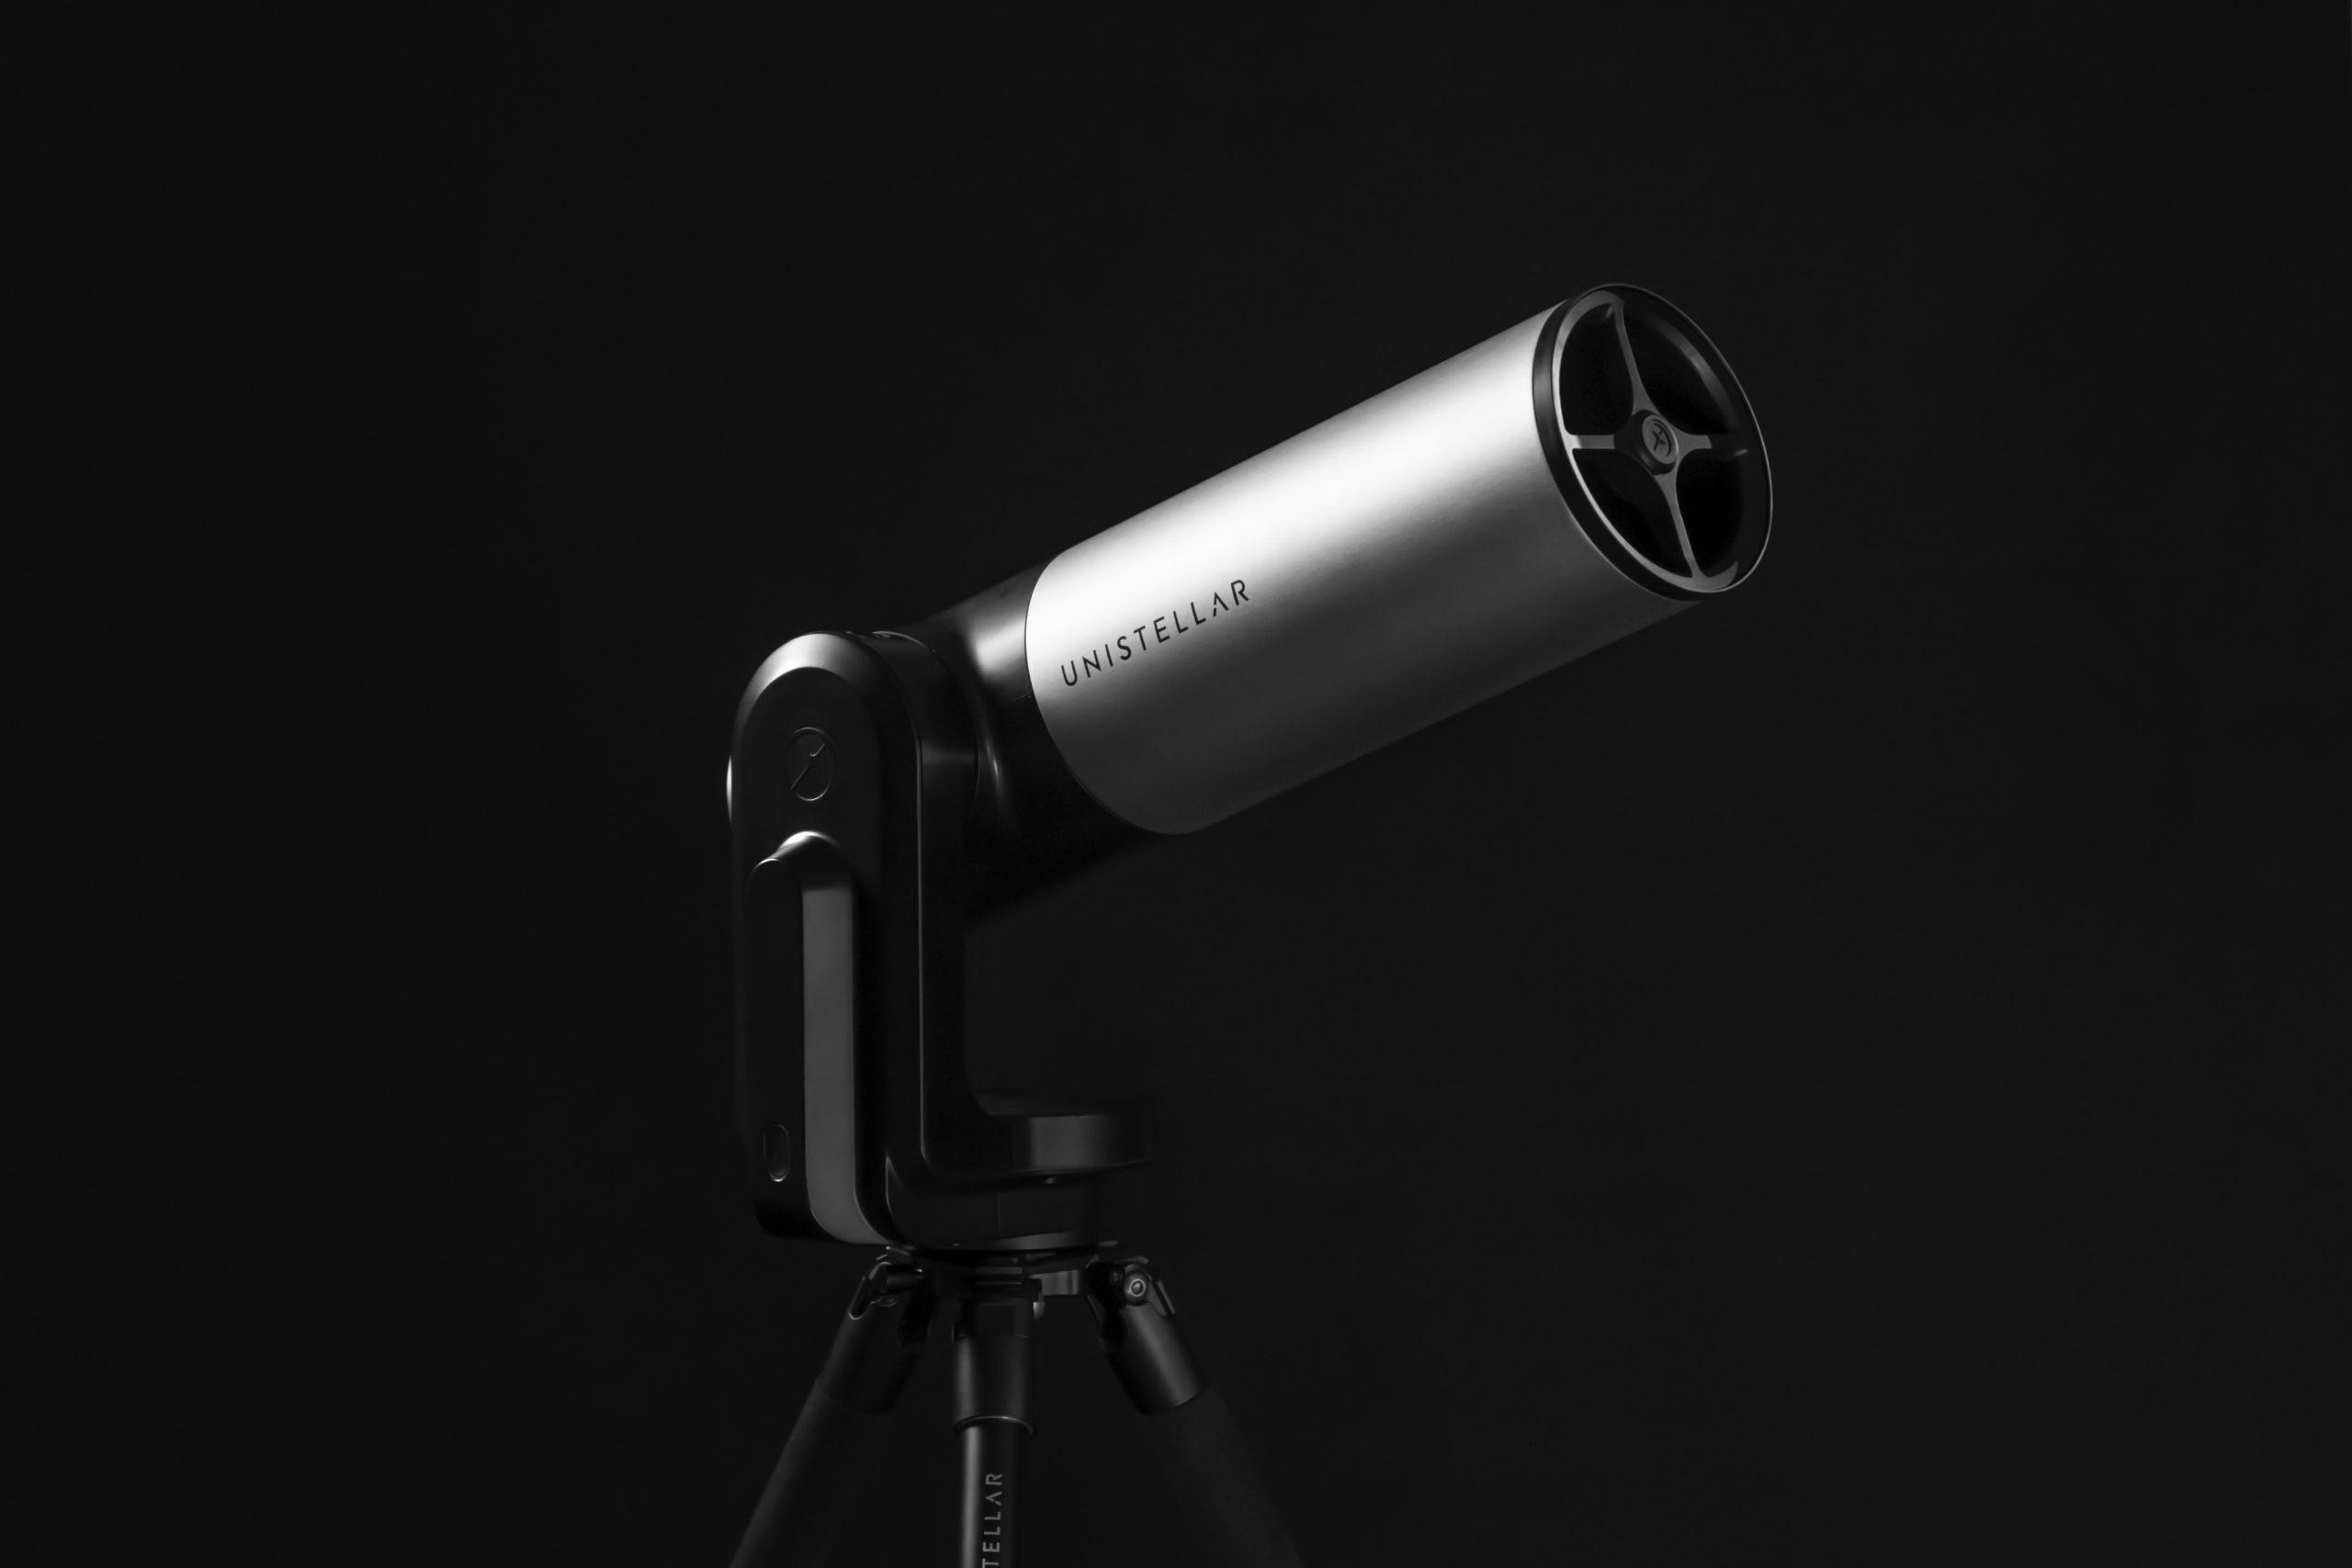 Unistellar eVscope